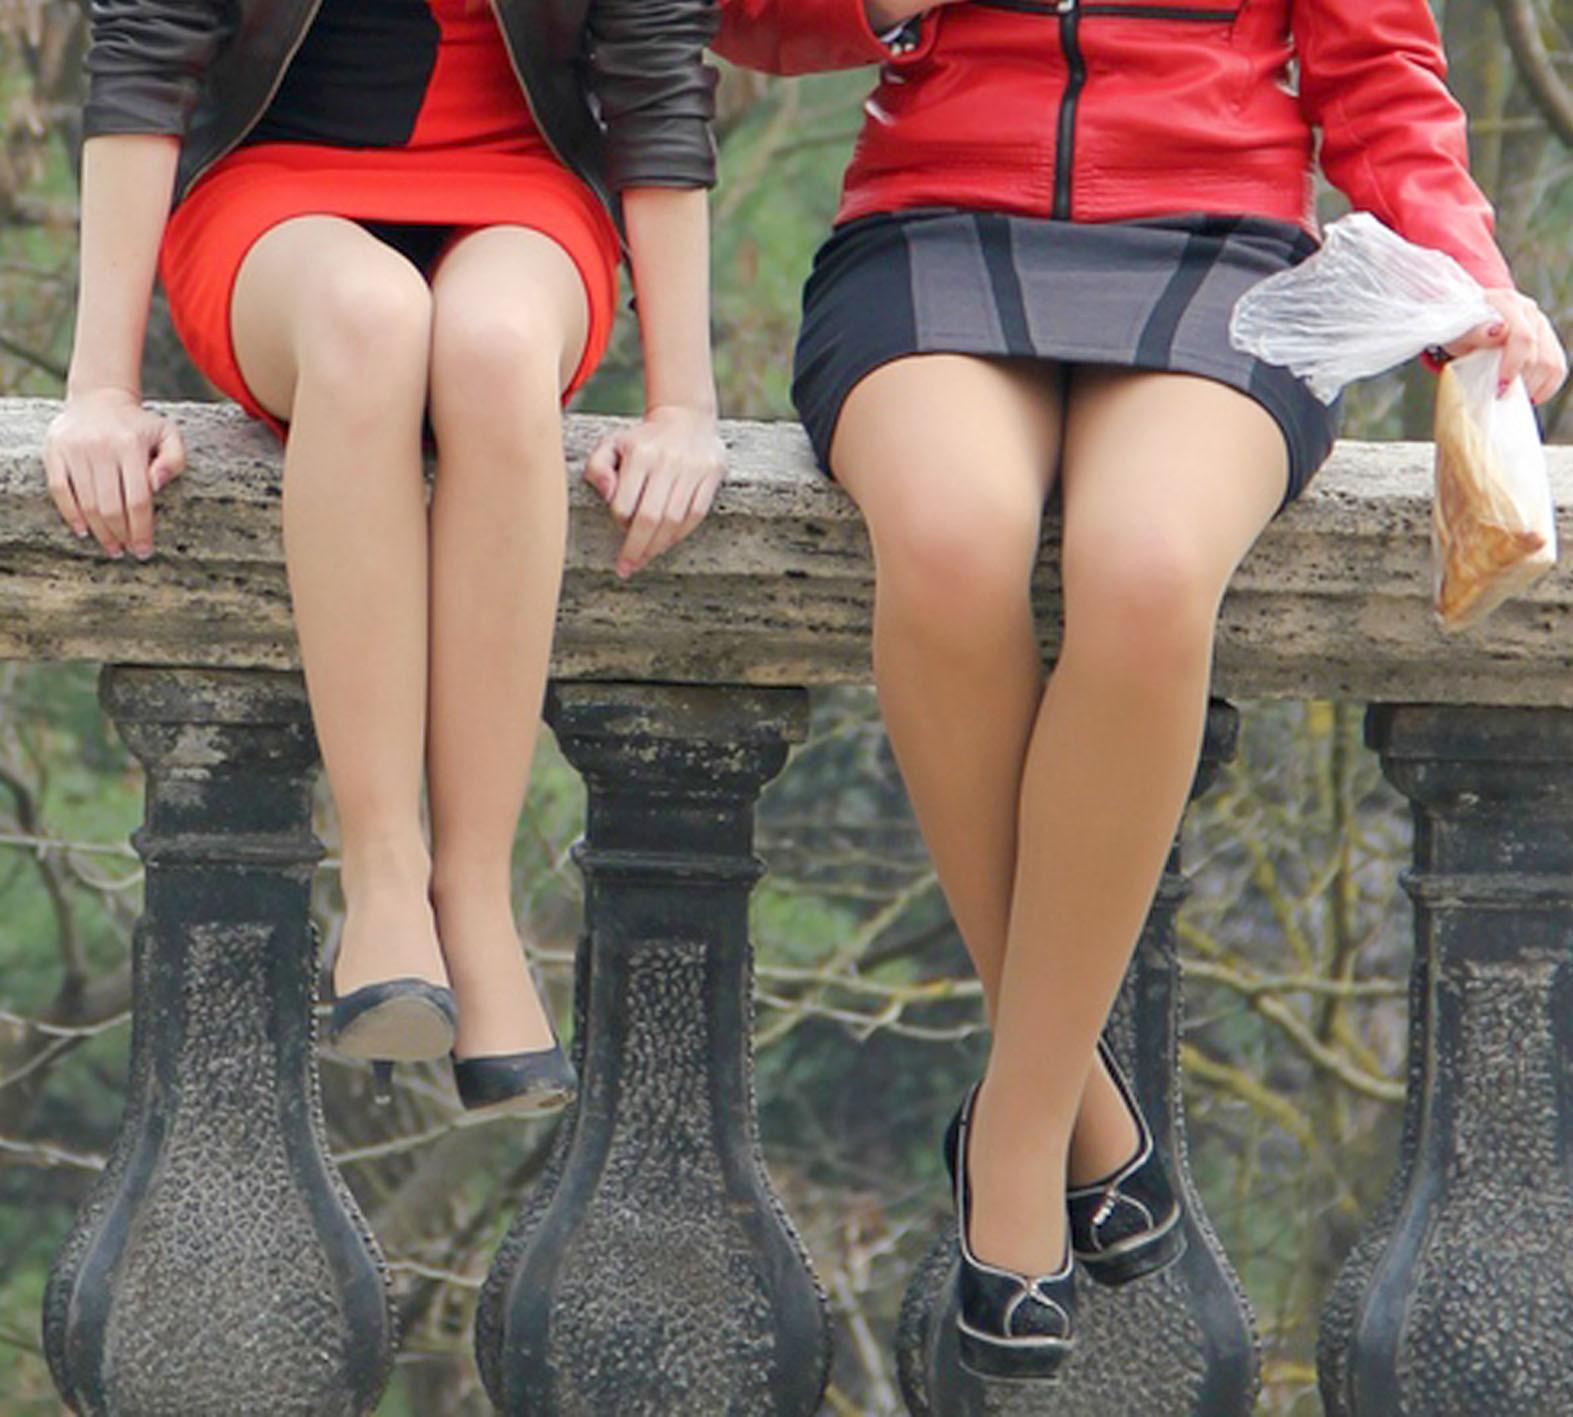 【パンチラエロ画像】腰掛けたらもう見られている!見え過ぎな座りパンチラwww 05